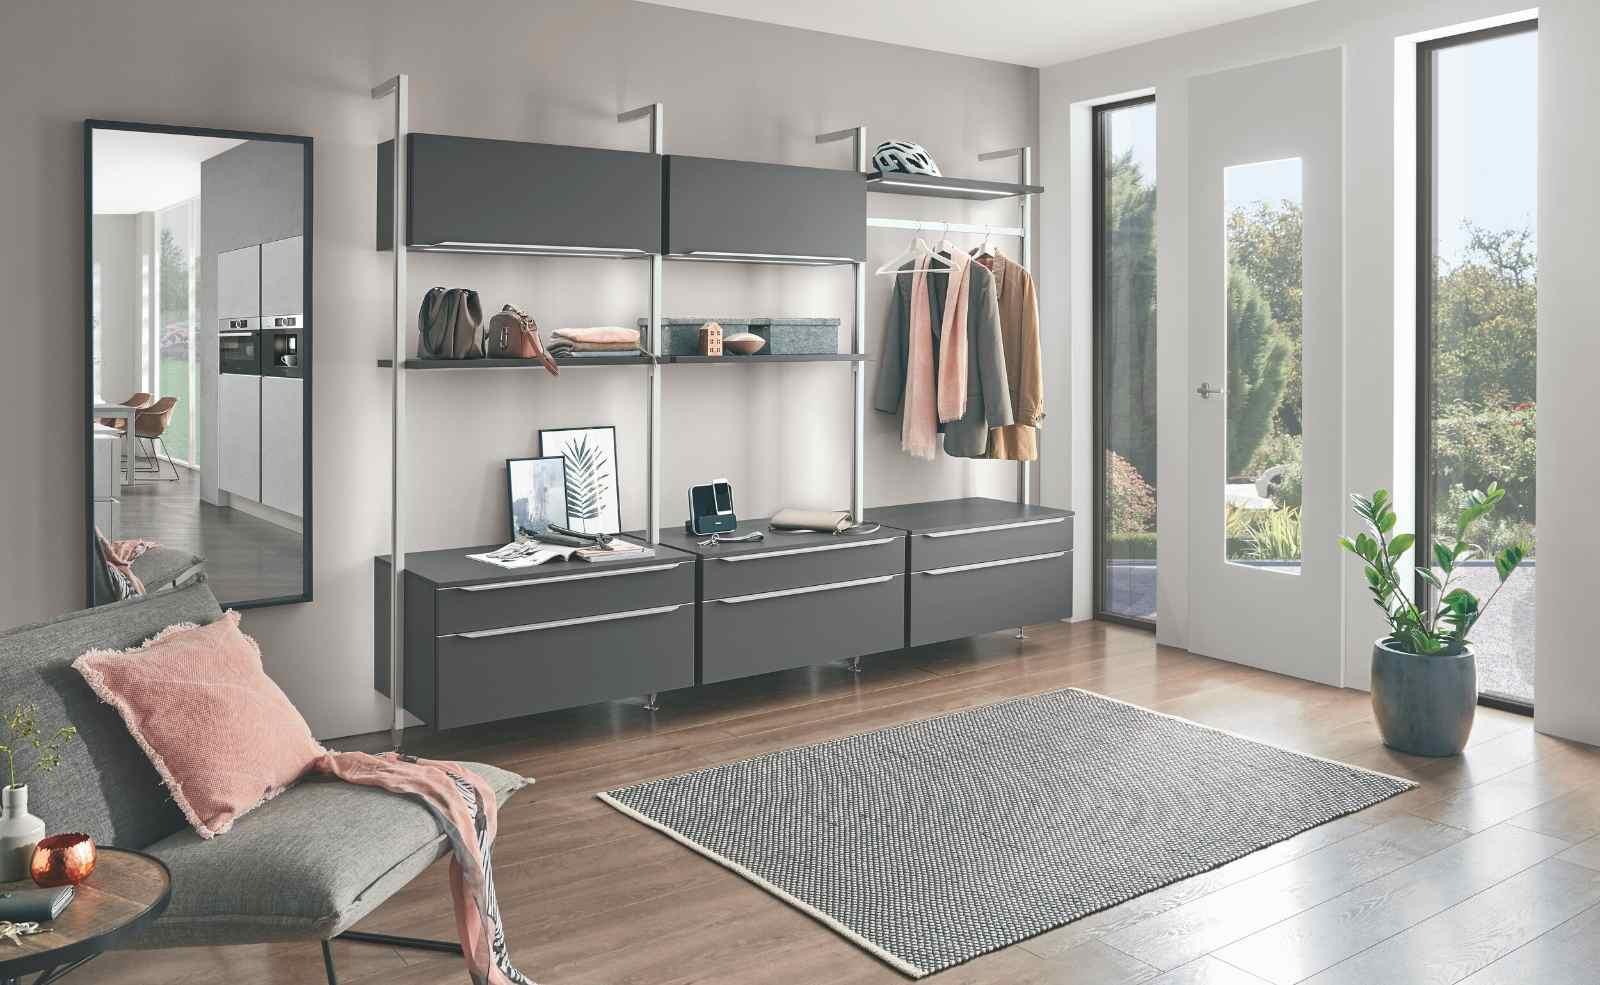 Regalsysteme von nobilia: Individuell planbarer Stauraum für Küche und Wohnraum